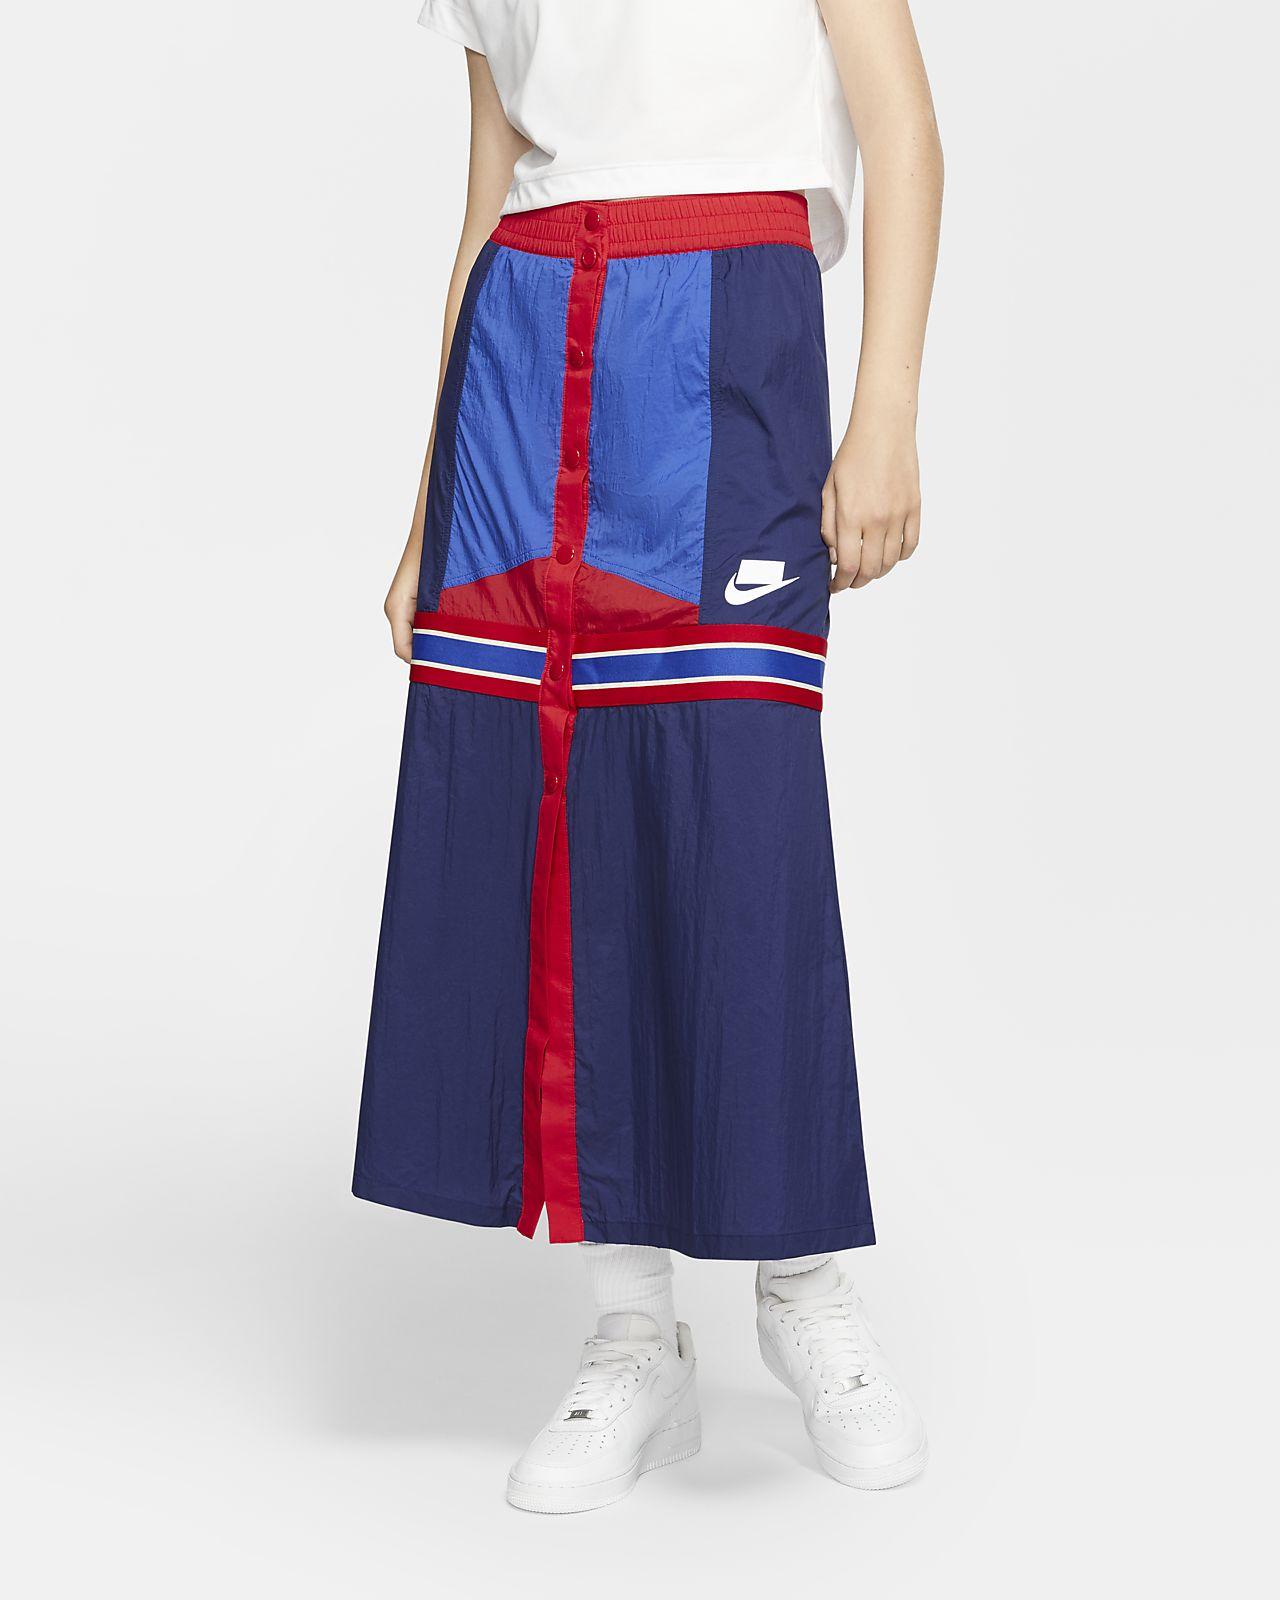 Nike Sportswear NSW női szoknya